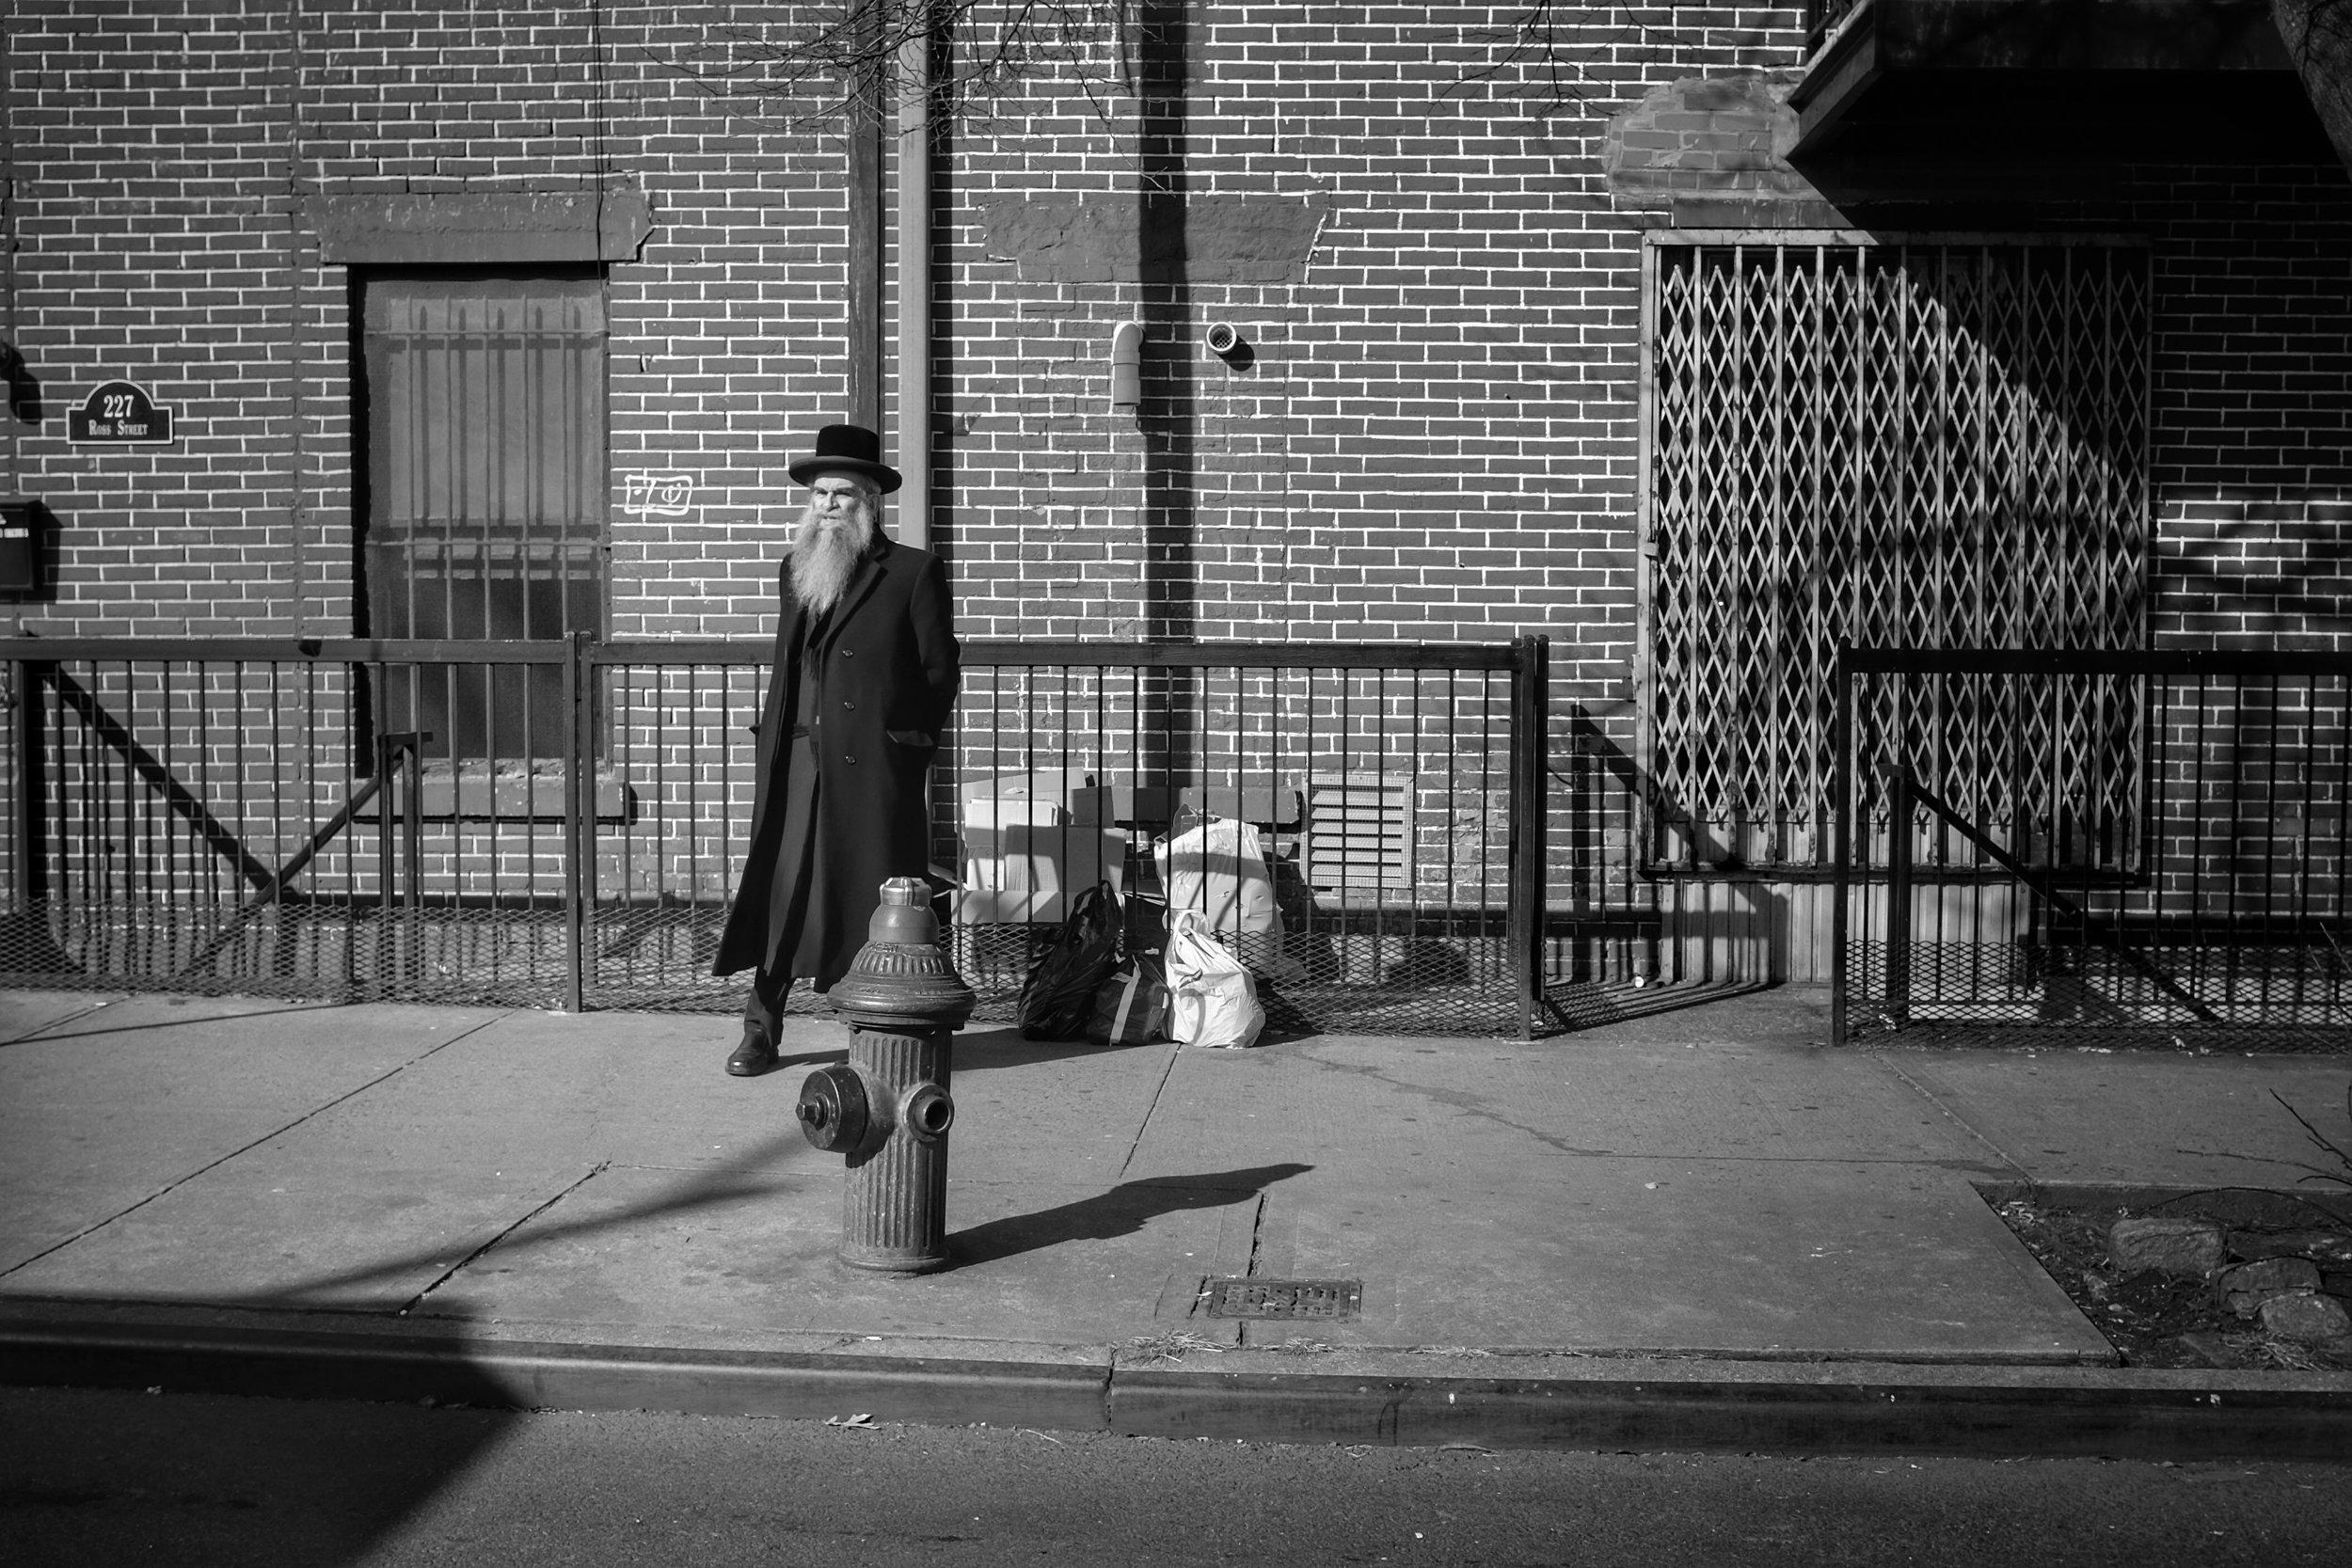 Ross Street. Williamsburg. Brooklyn. 2017.